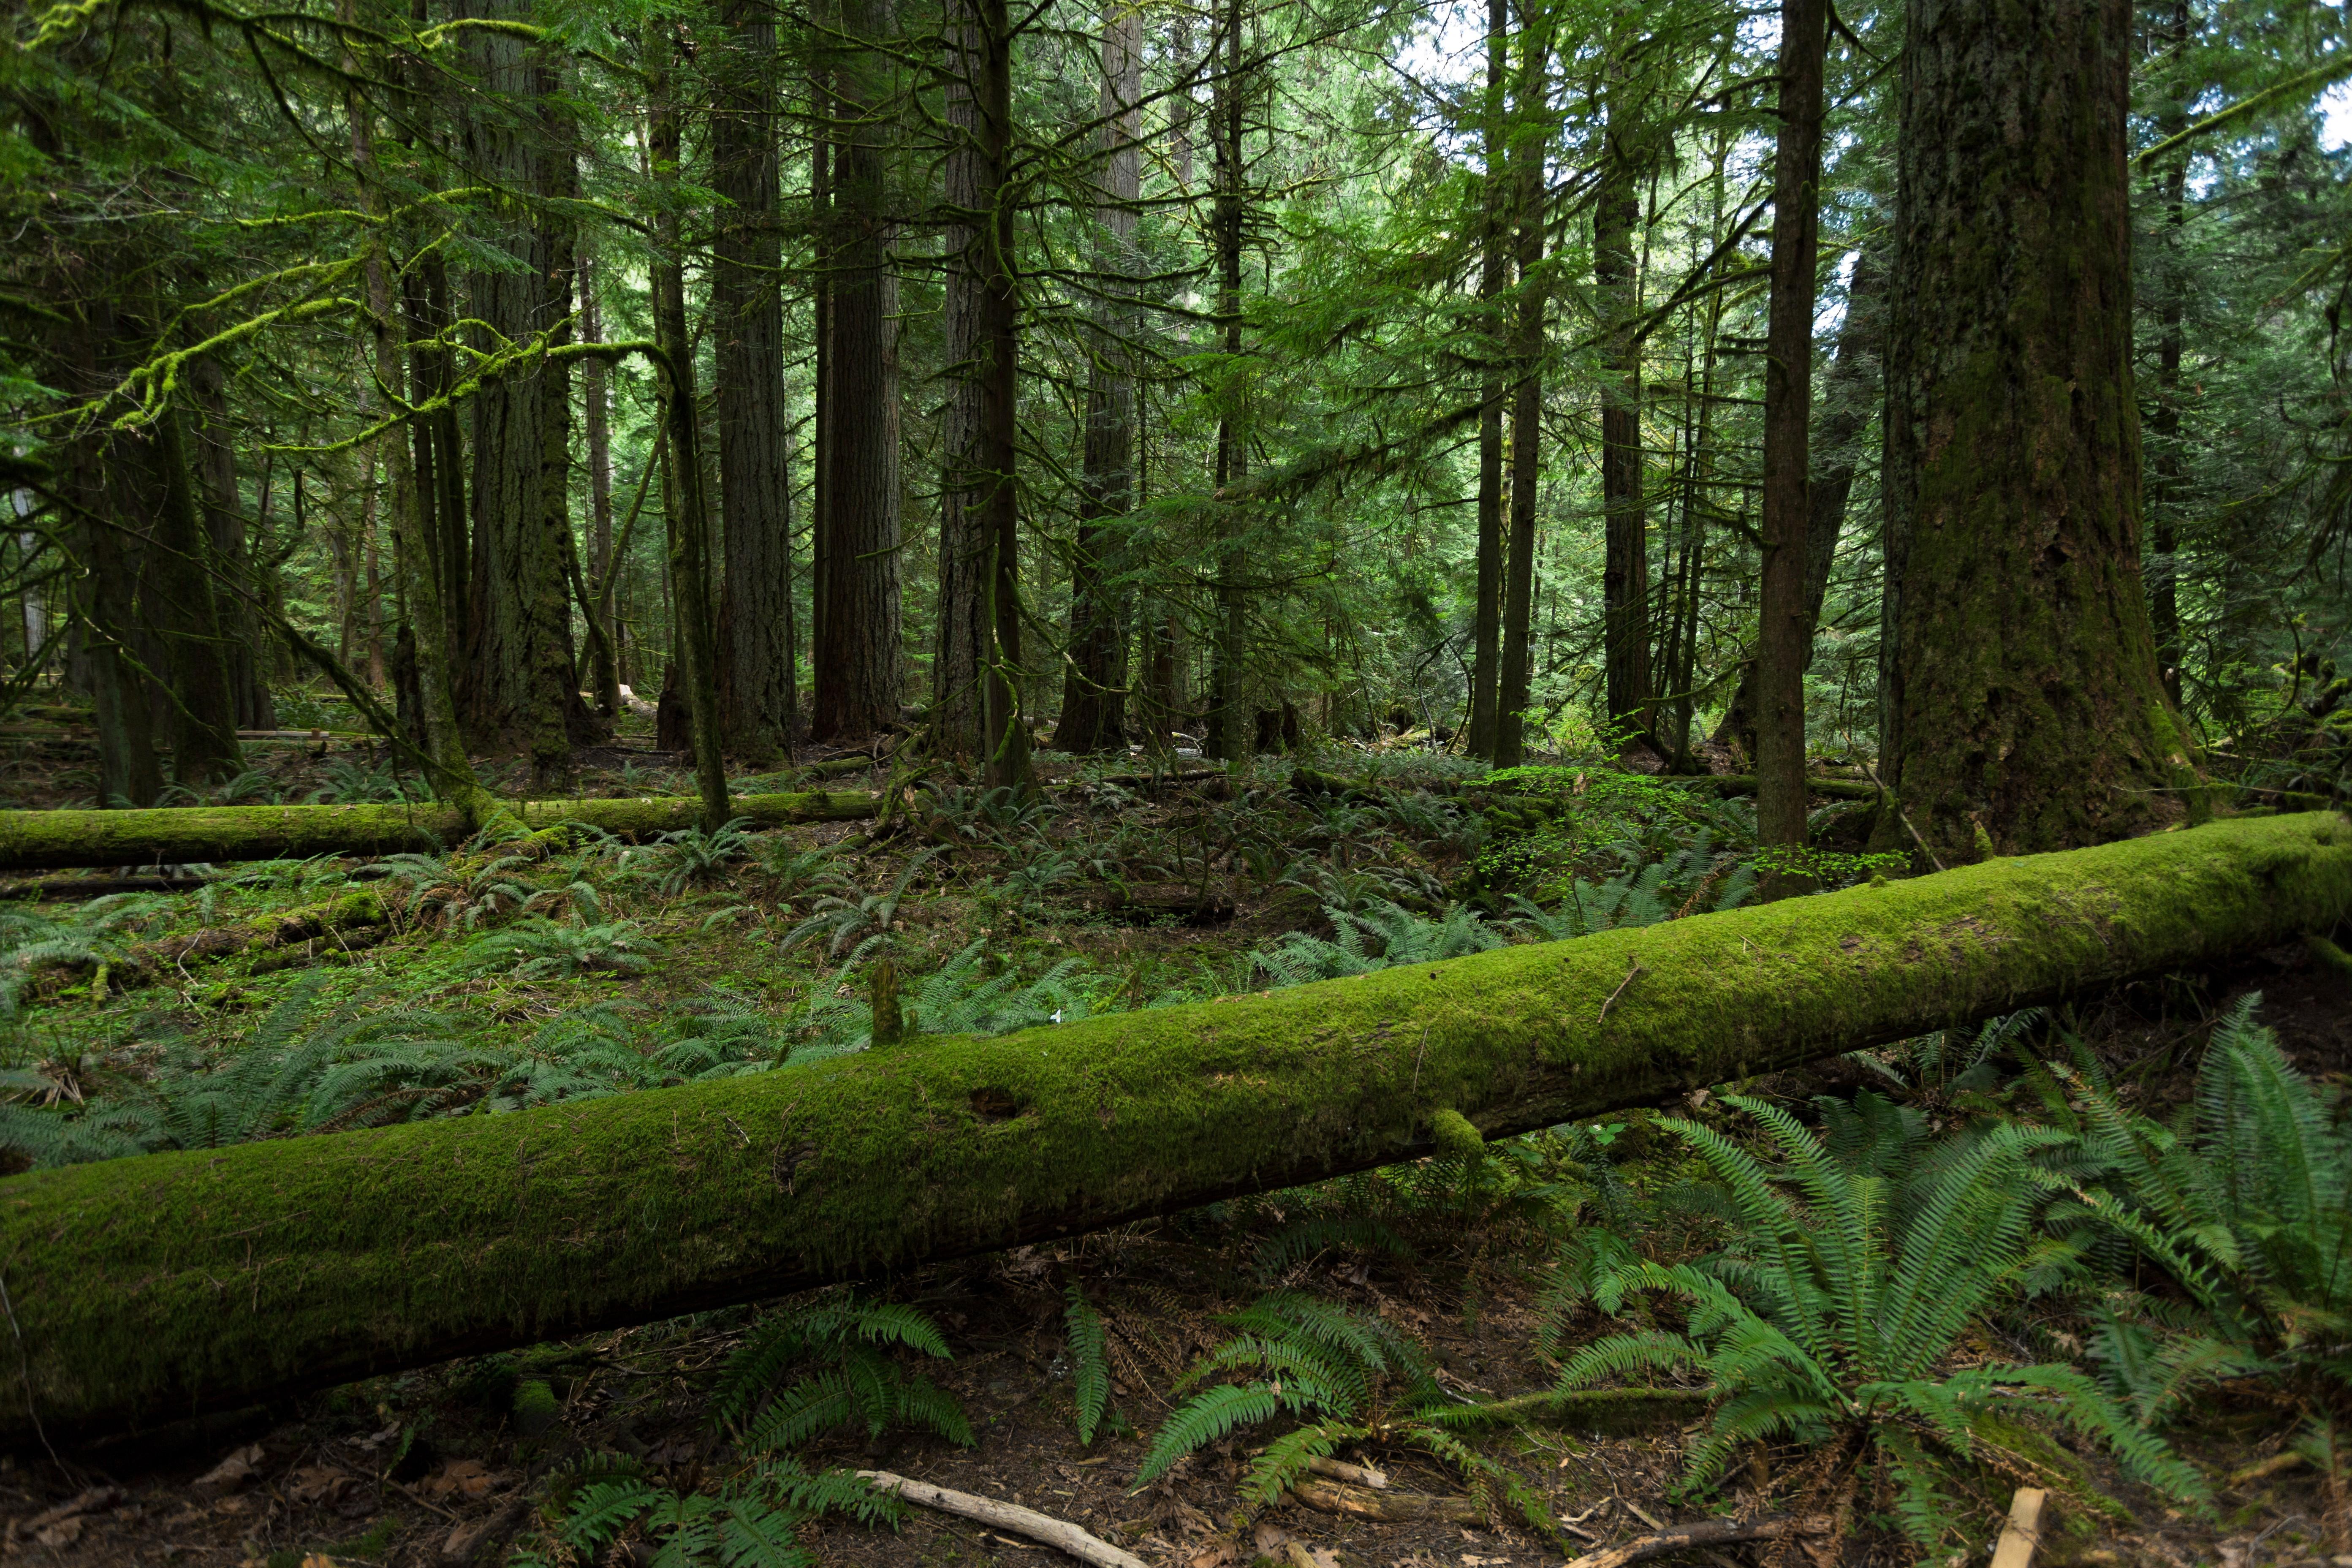 154847 Hintergrundbild herunterladen Bäume, Natur, Wald - Bildschirmschoner und Bilder kostenlos